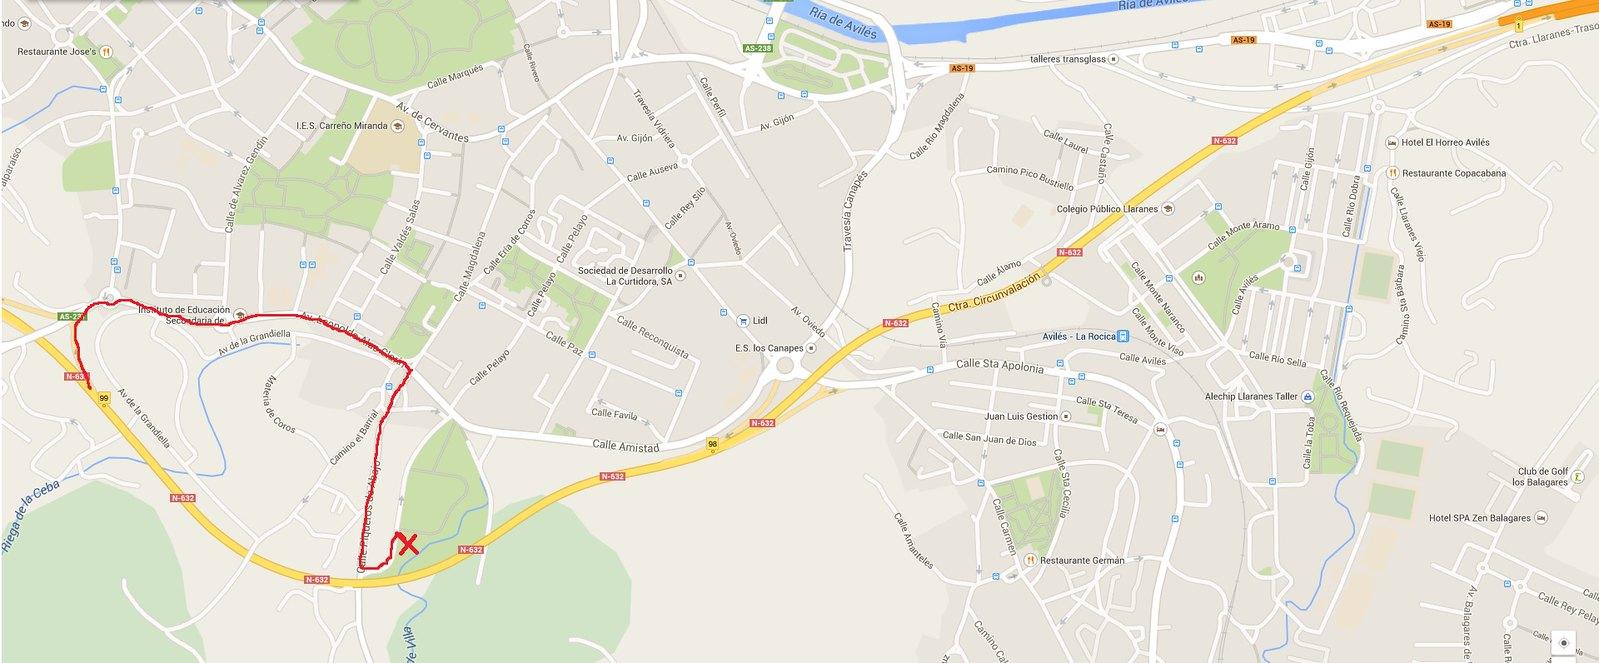 1ª Concentración de camiones en Avilés (Asturias) 15711198406_03c69c99de_h